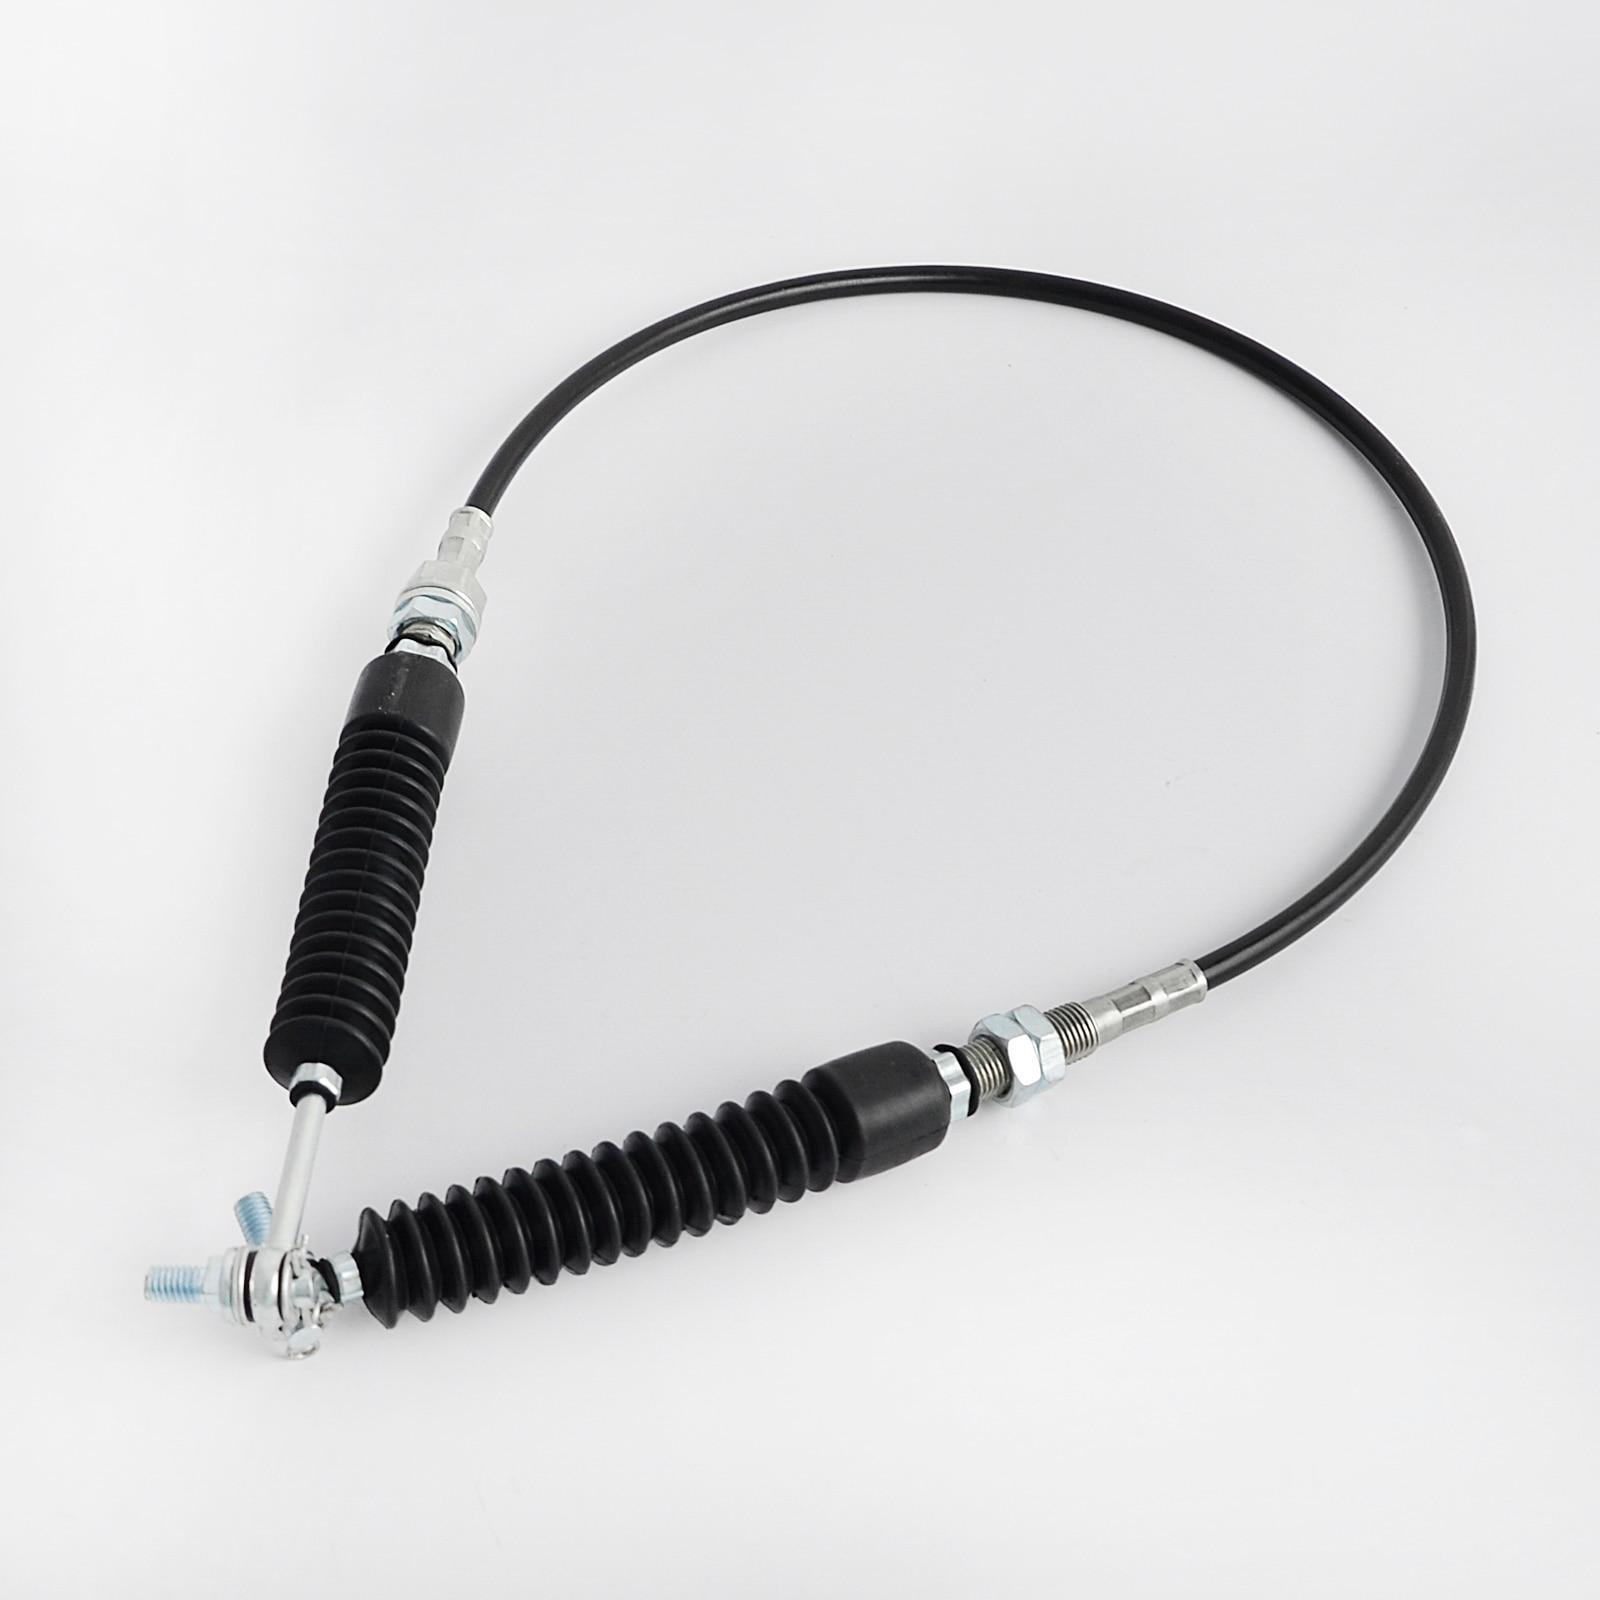 Câble de changement de vitesse sélecteur de vitesse adapté pour Polaris RZR 800 2008-2013 remplace 7081680 7081342